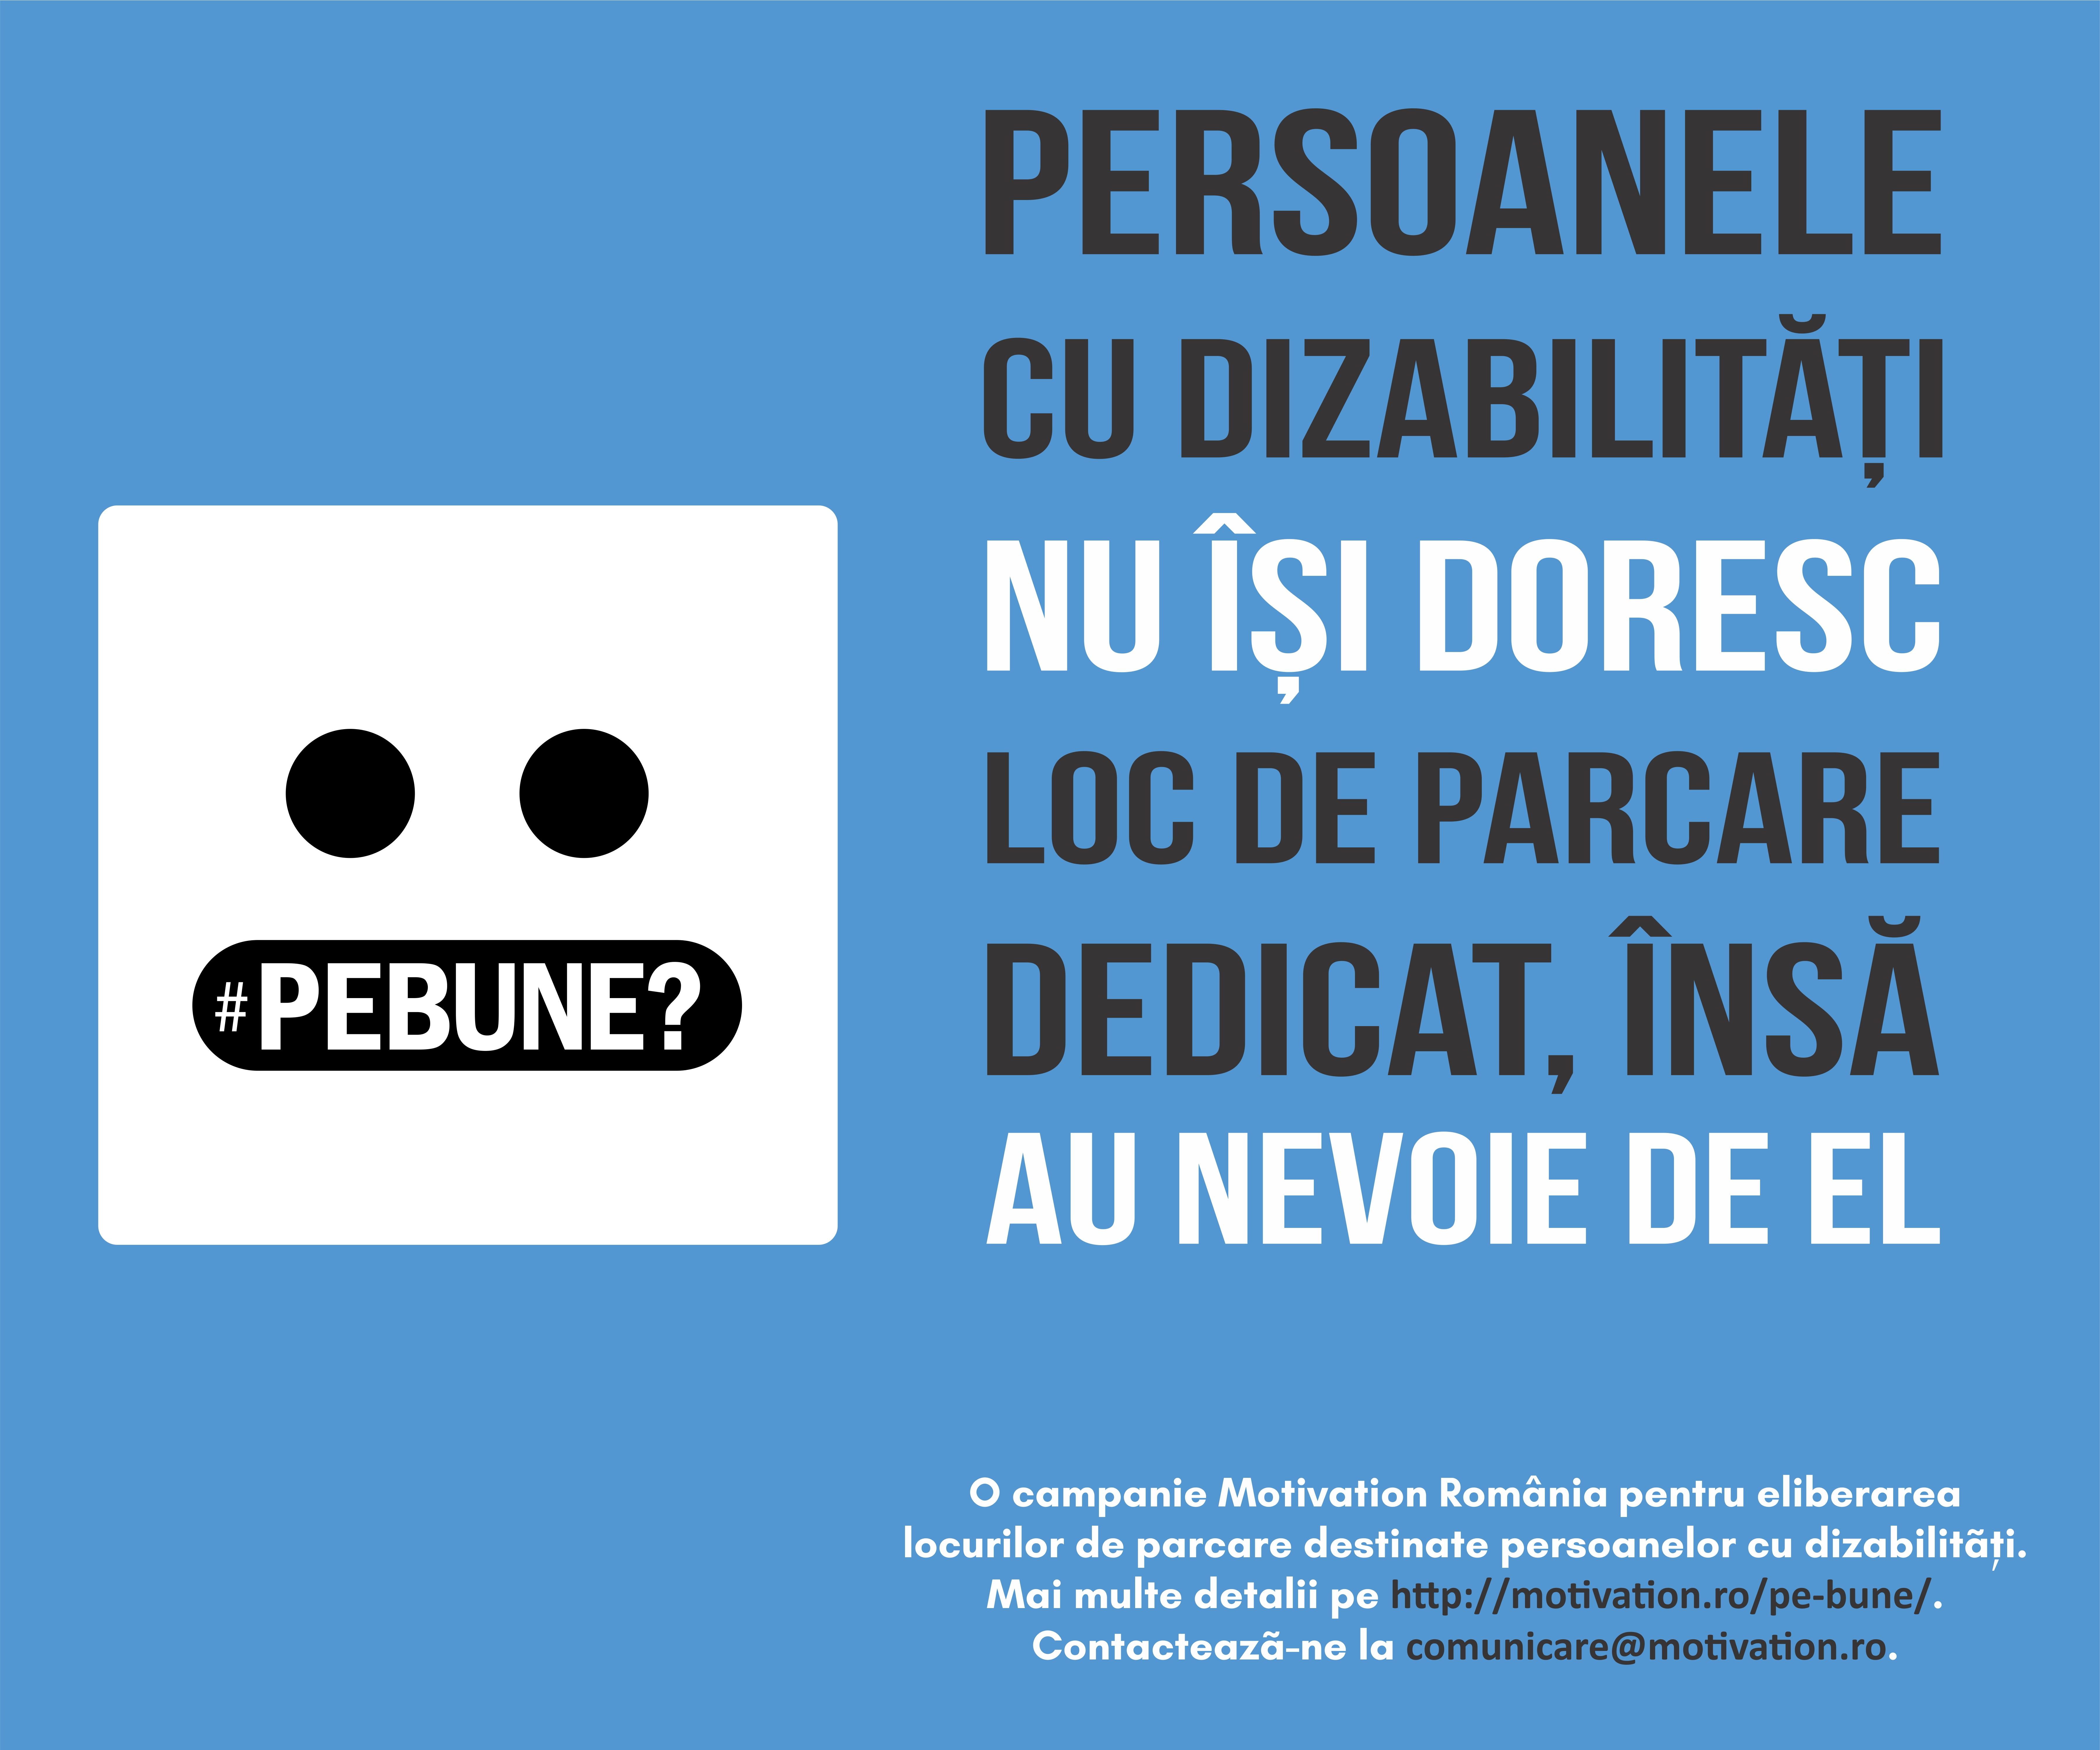 17,500 de lei obținuți din amenzi pentru parcări abuzive au finanțat servicii de recuperare activă și viață independentă pentru persoanele cu dizabilități